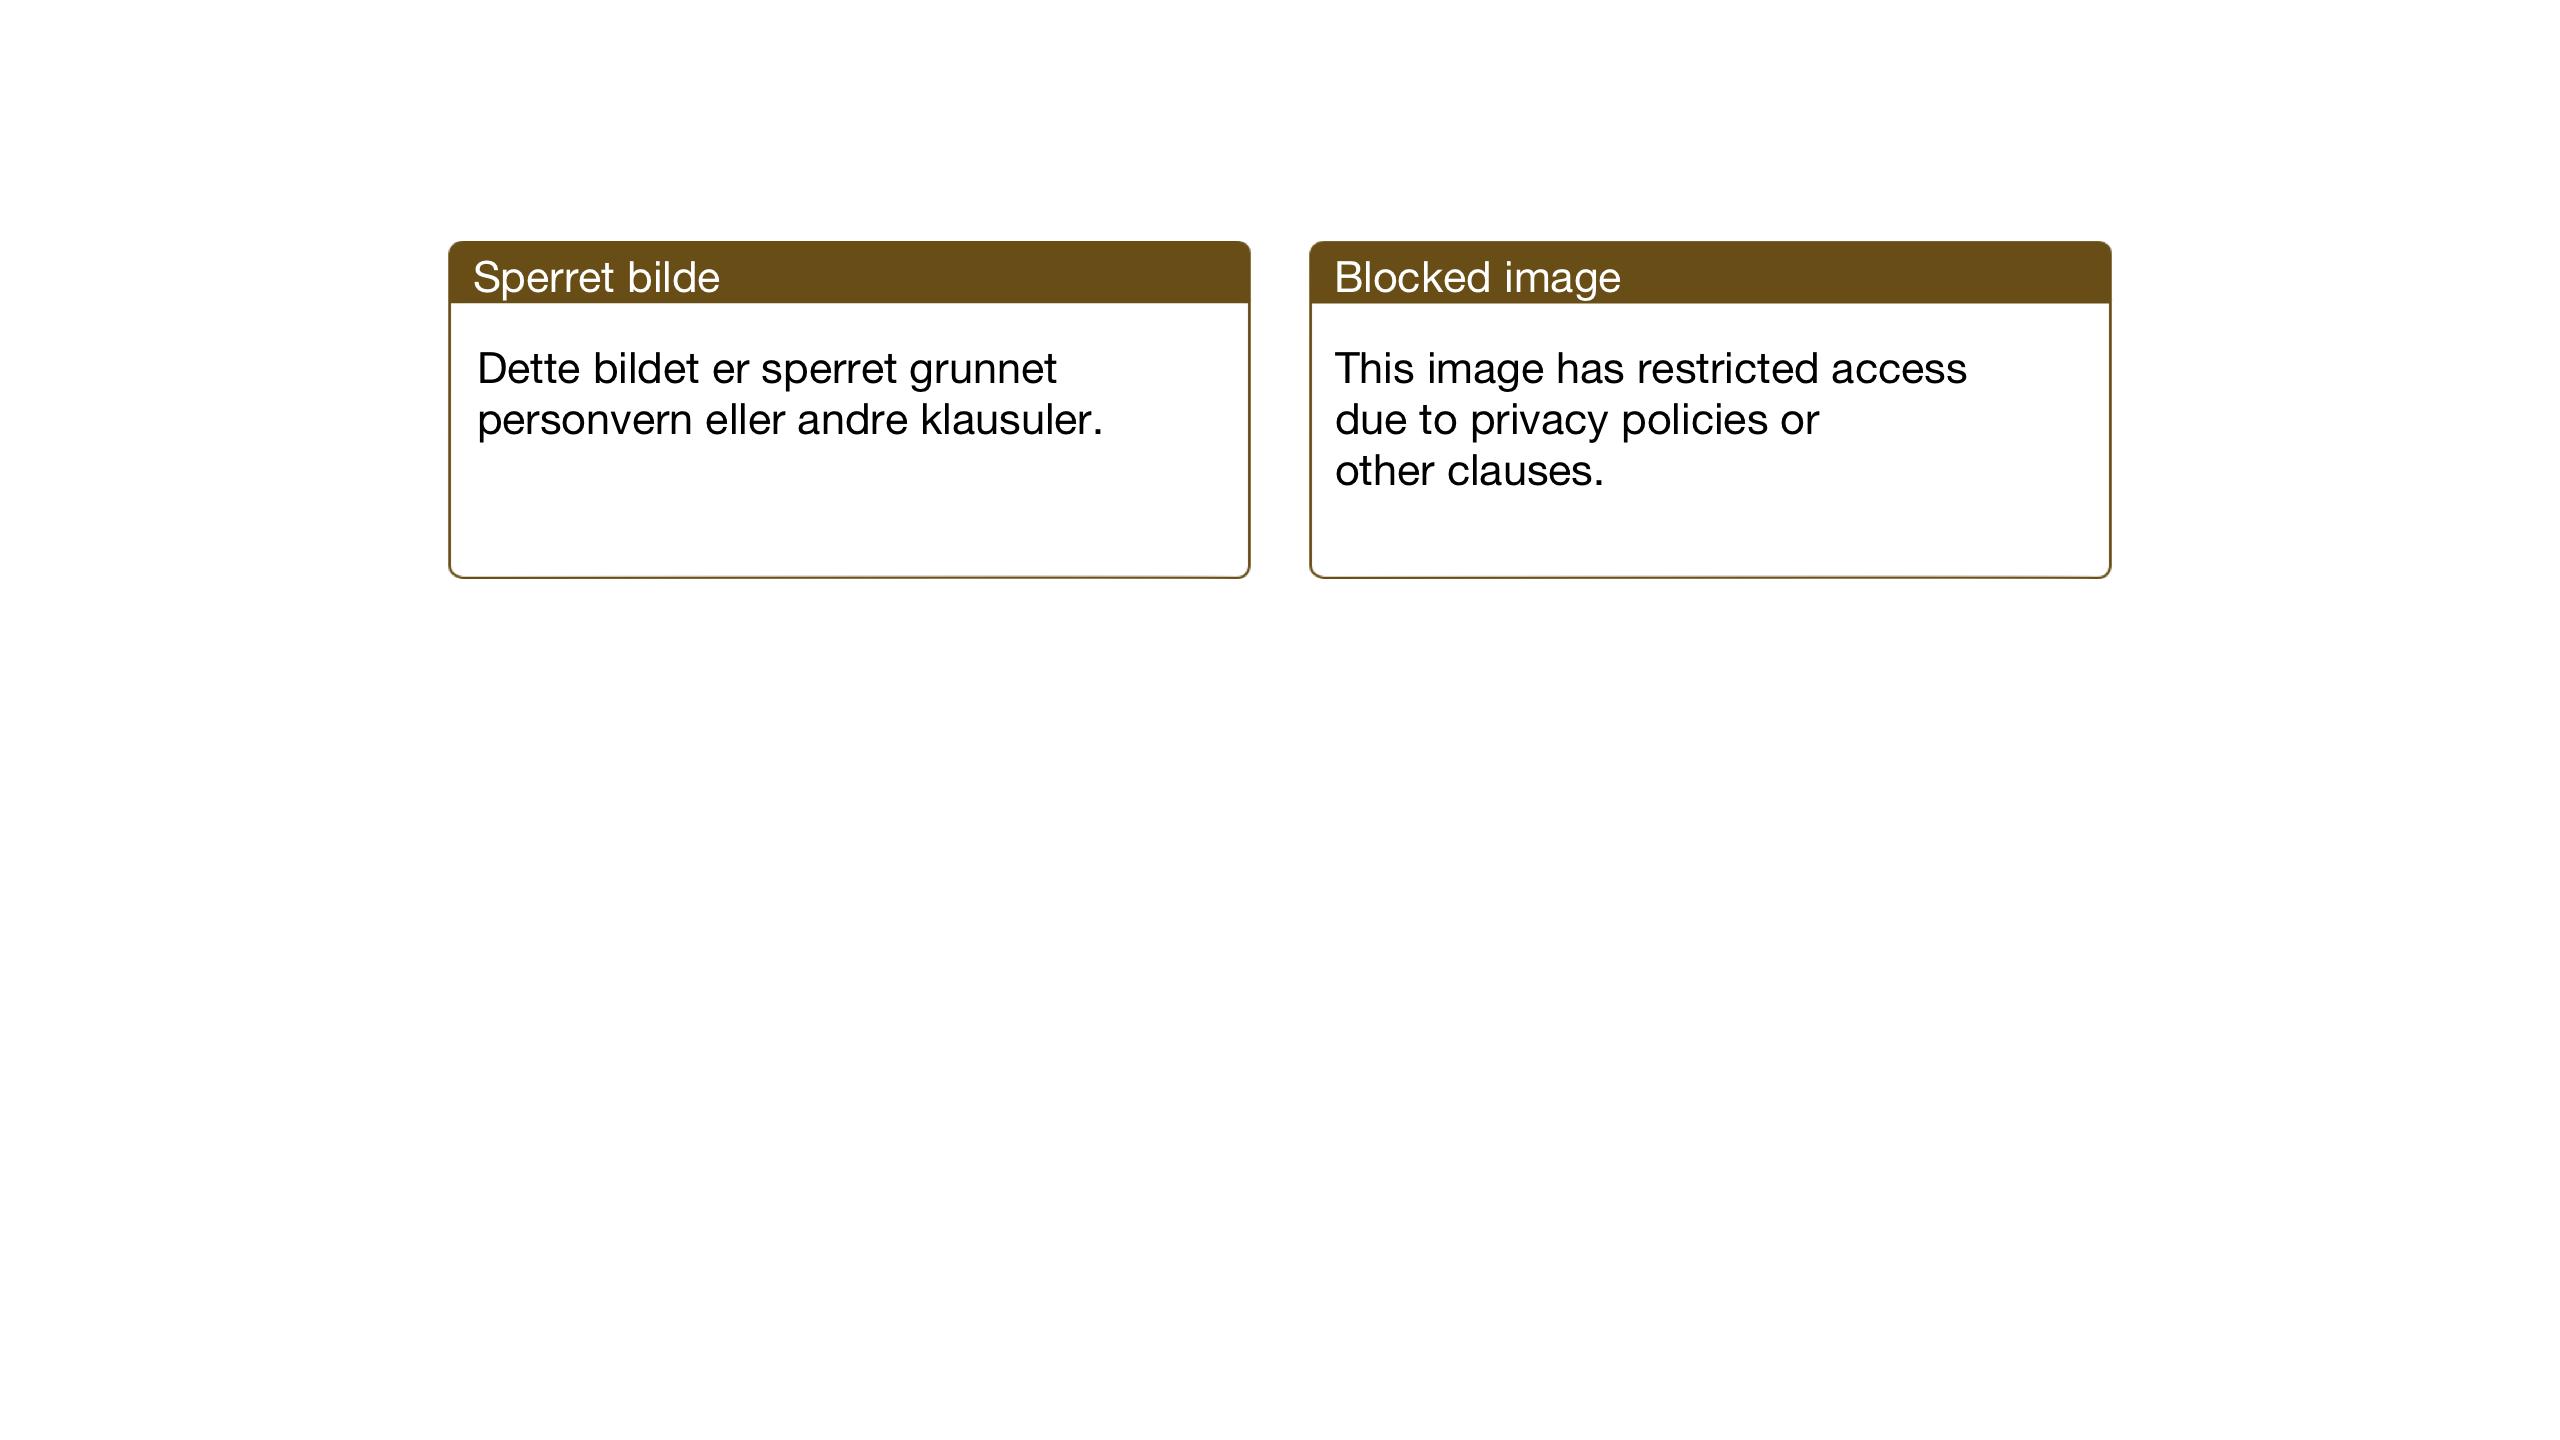 SAT, Ministerialprotokoller, klokkerbøker og fødselsregistre - Sør-Trøndelag, 657/L0718: Klokkerbok nr. 657C05, 1923-1948, s. 60